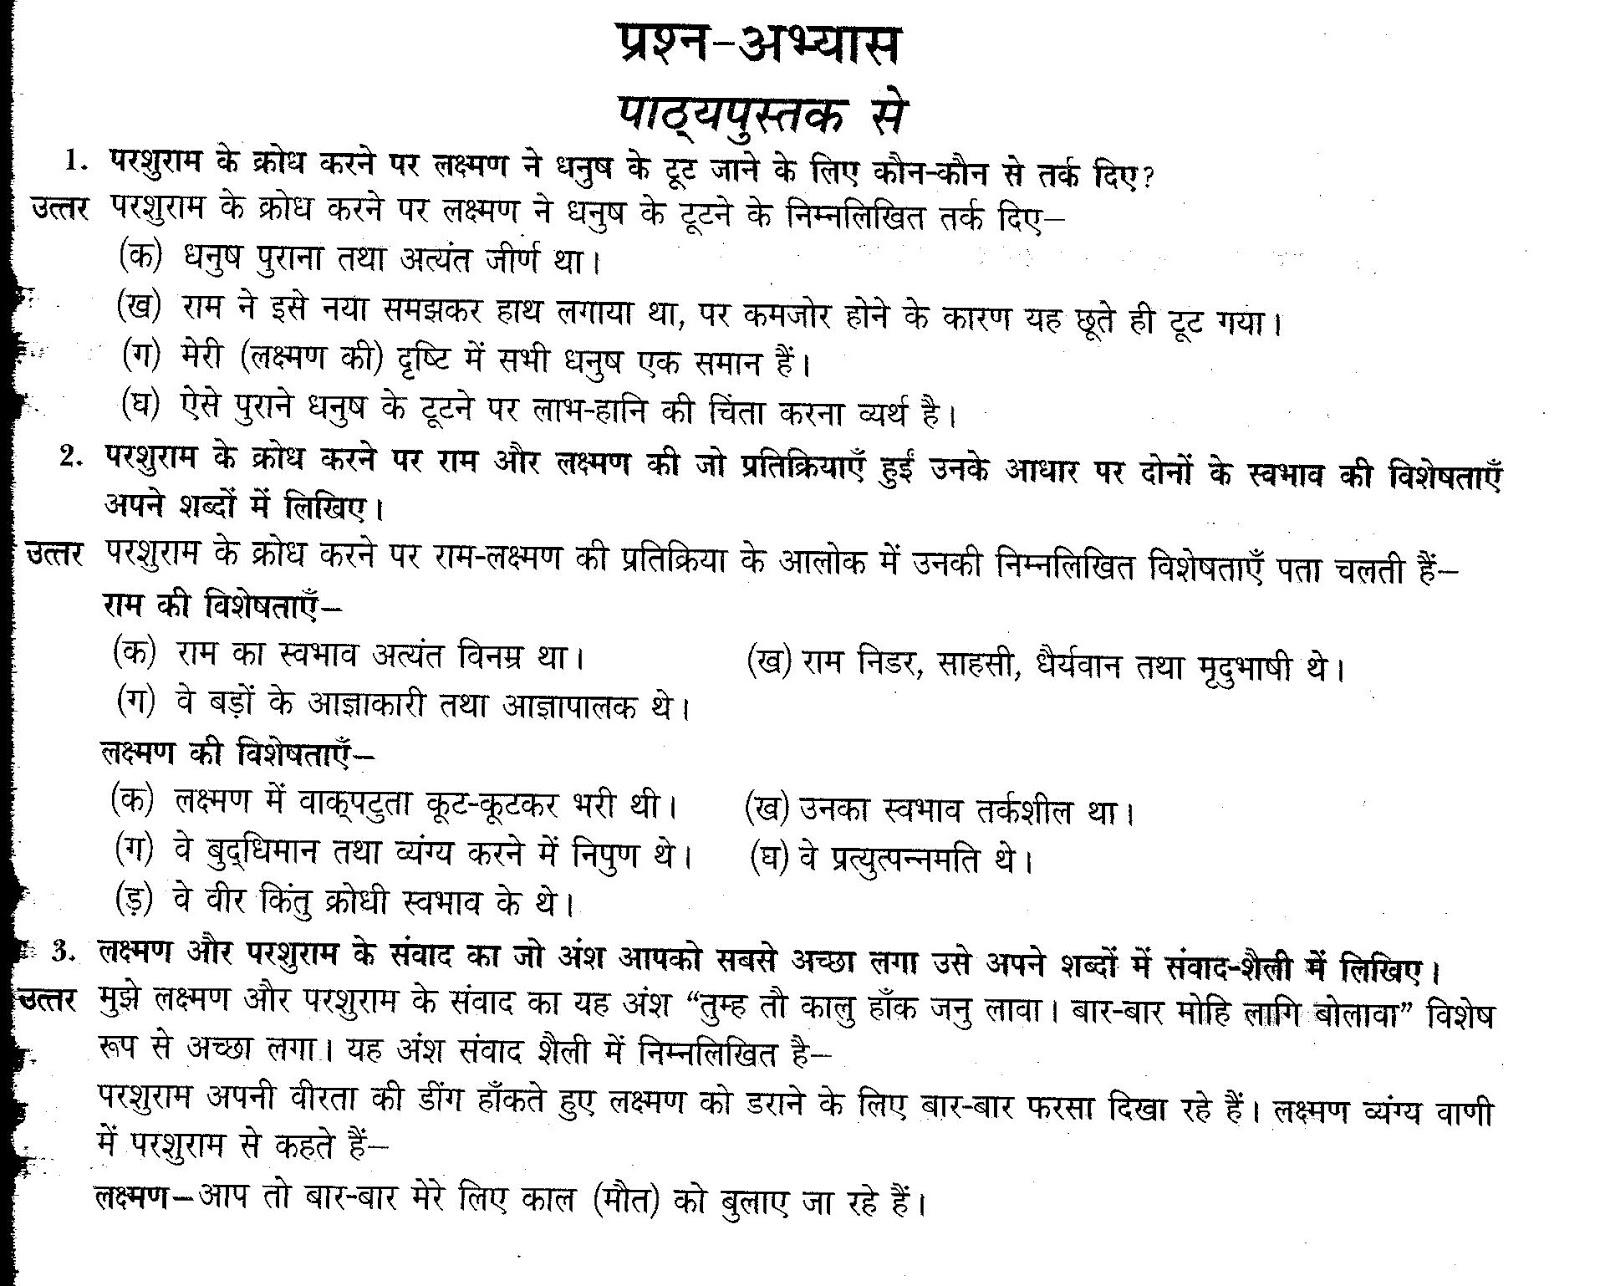 राम-लक्ष्मण-परशुराम संवाद - Kshitiz - Hindi